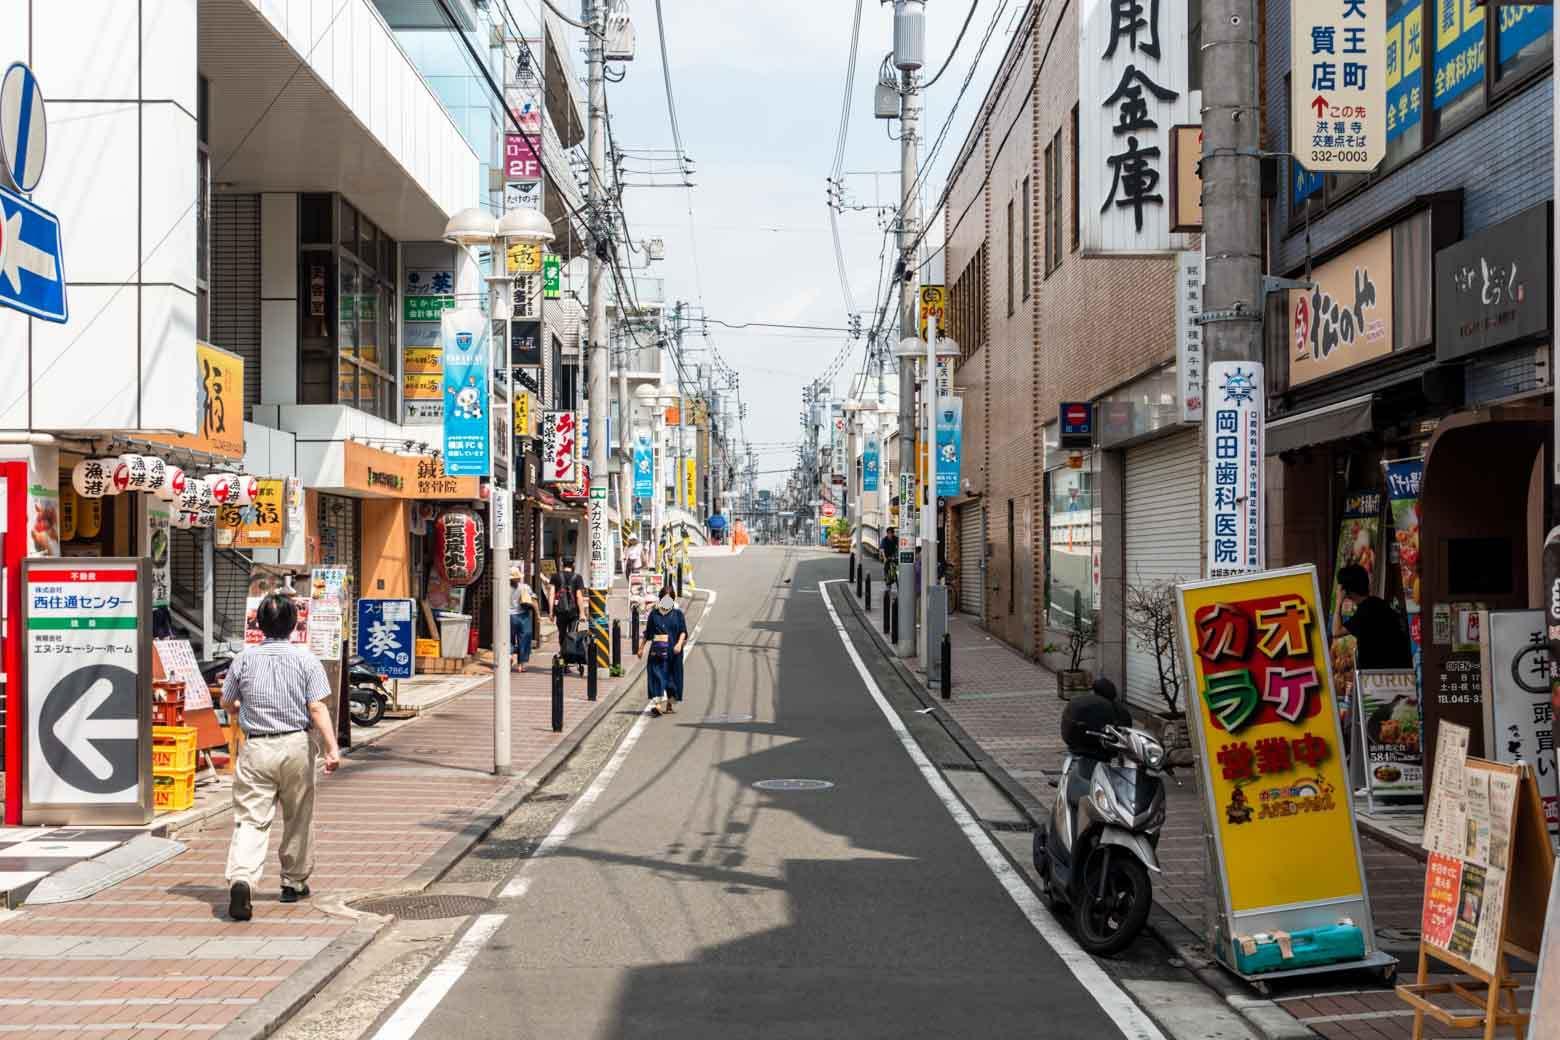 天王町駅へ到着。駅周辺にはスーパーやコンビニ、ドラッグストア、100円ショップなどが揃っていて、普段のお買い物なら十分にまかなえそうでした。飲食店も多く、仕事終わりにちょっと一杯……というときにもお店選びに困りそうにありません。